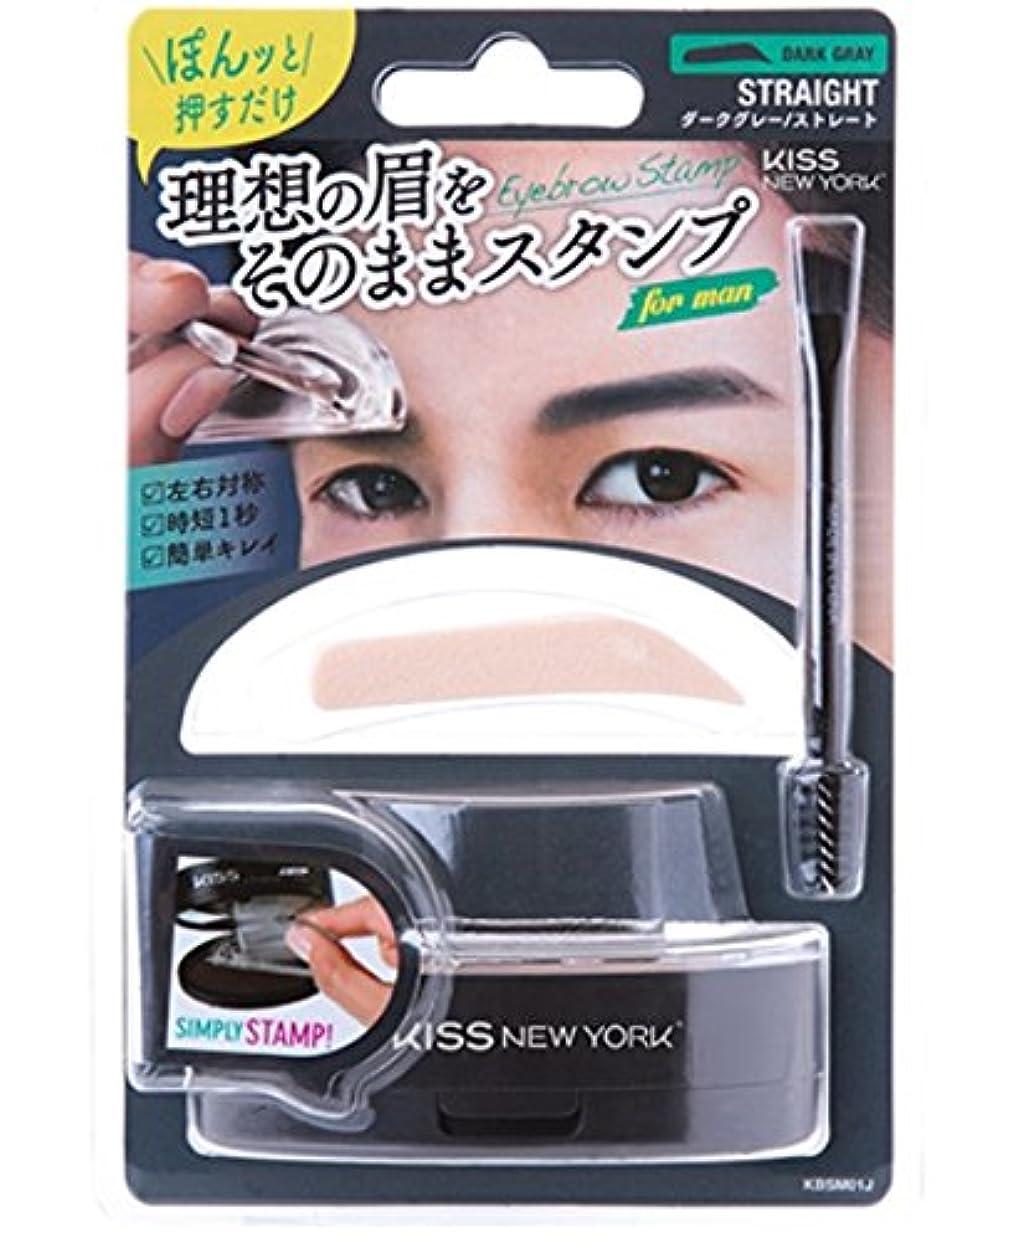 ファイバ買い手味KISS NEW YORK アイブロウスタンプ For man ダークグレーストレートKBSM01J